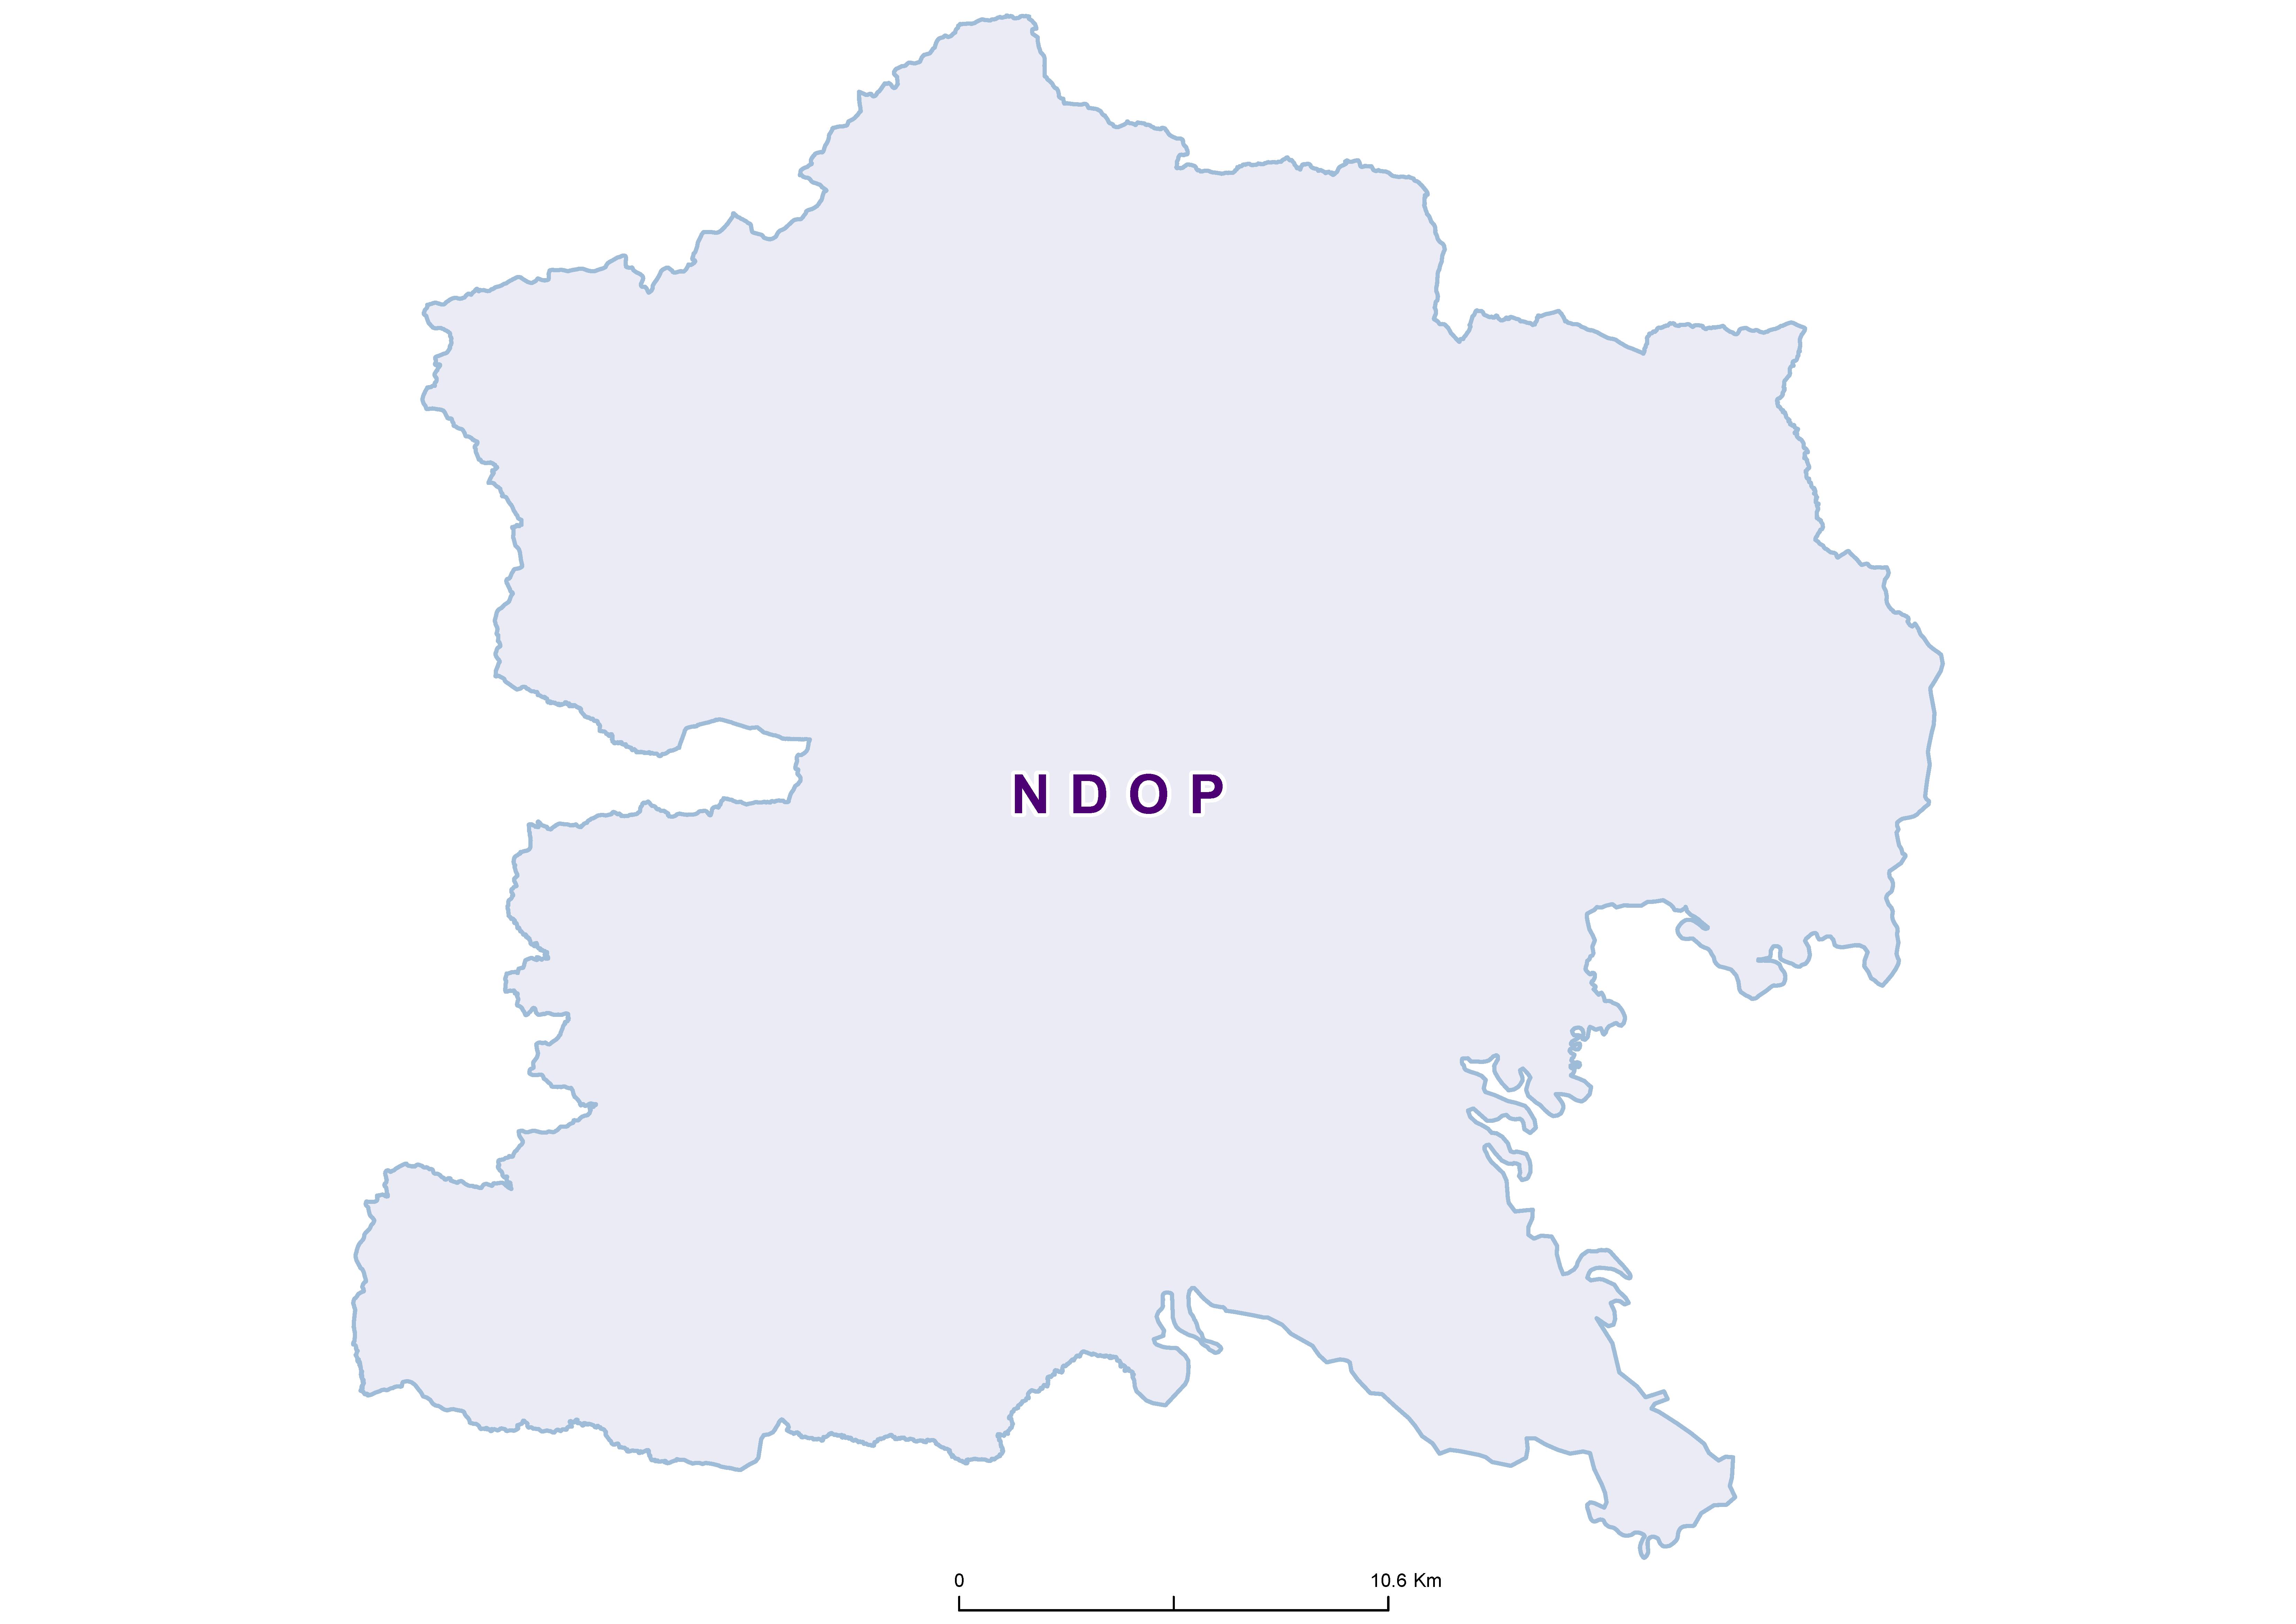 Ndop Mean STH 19850001